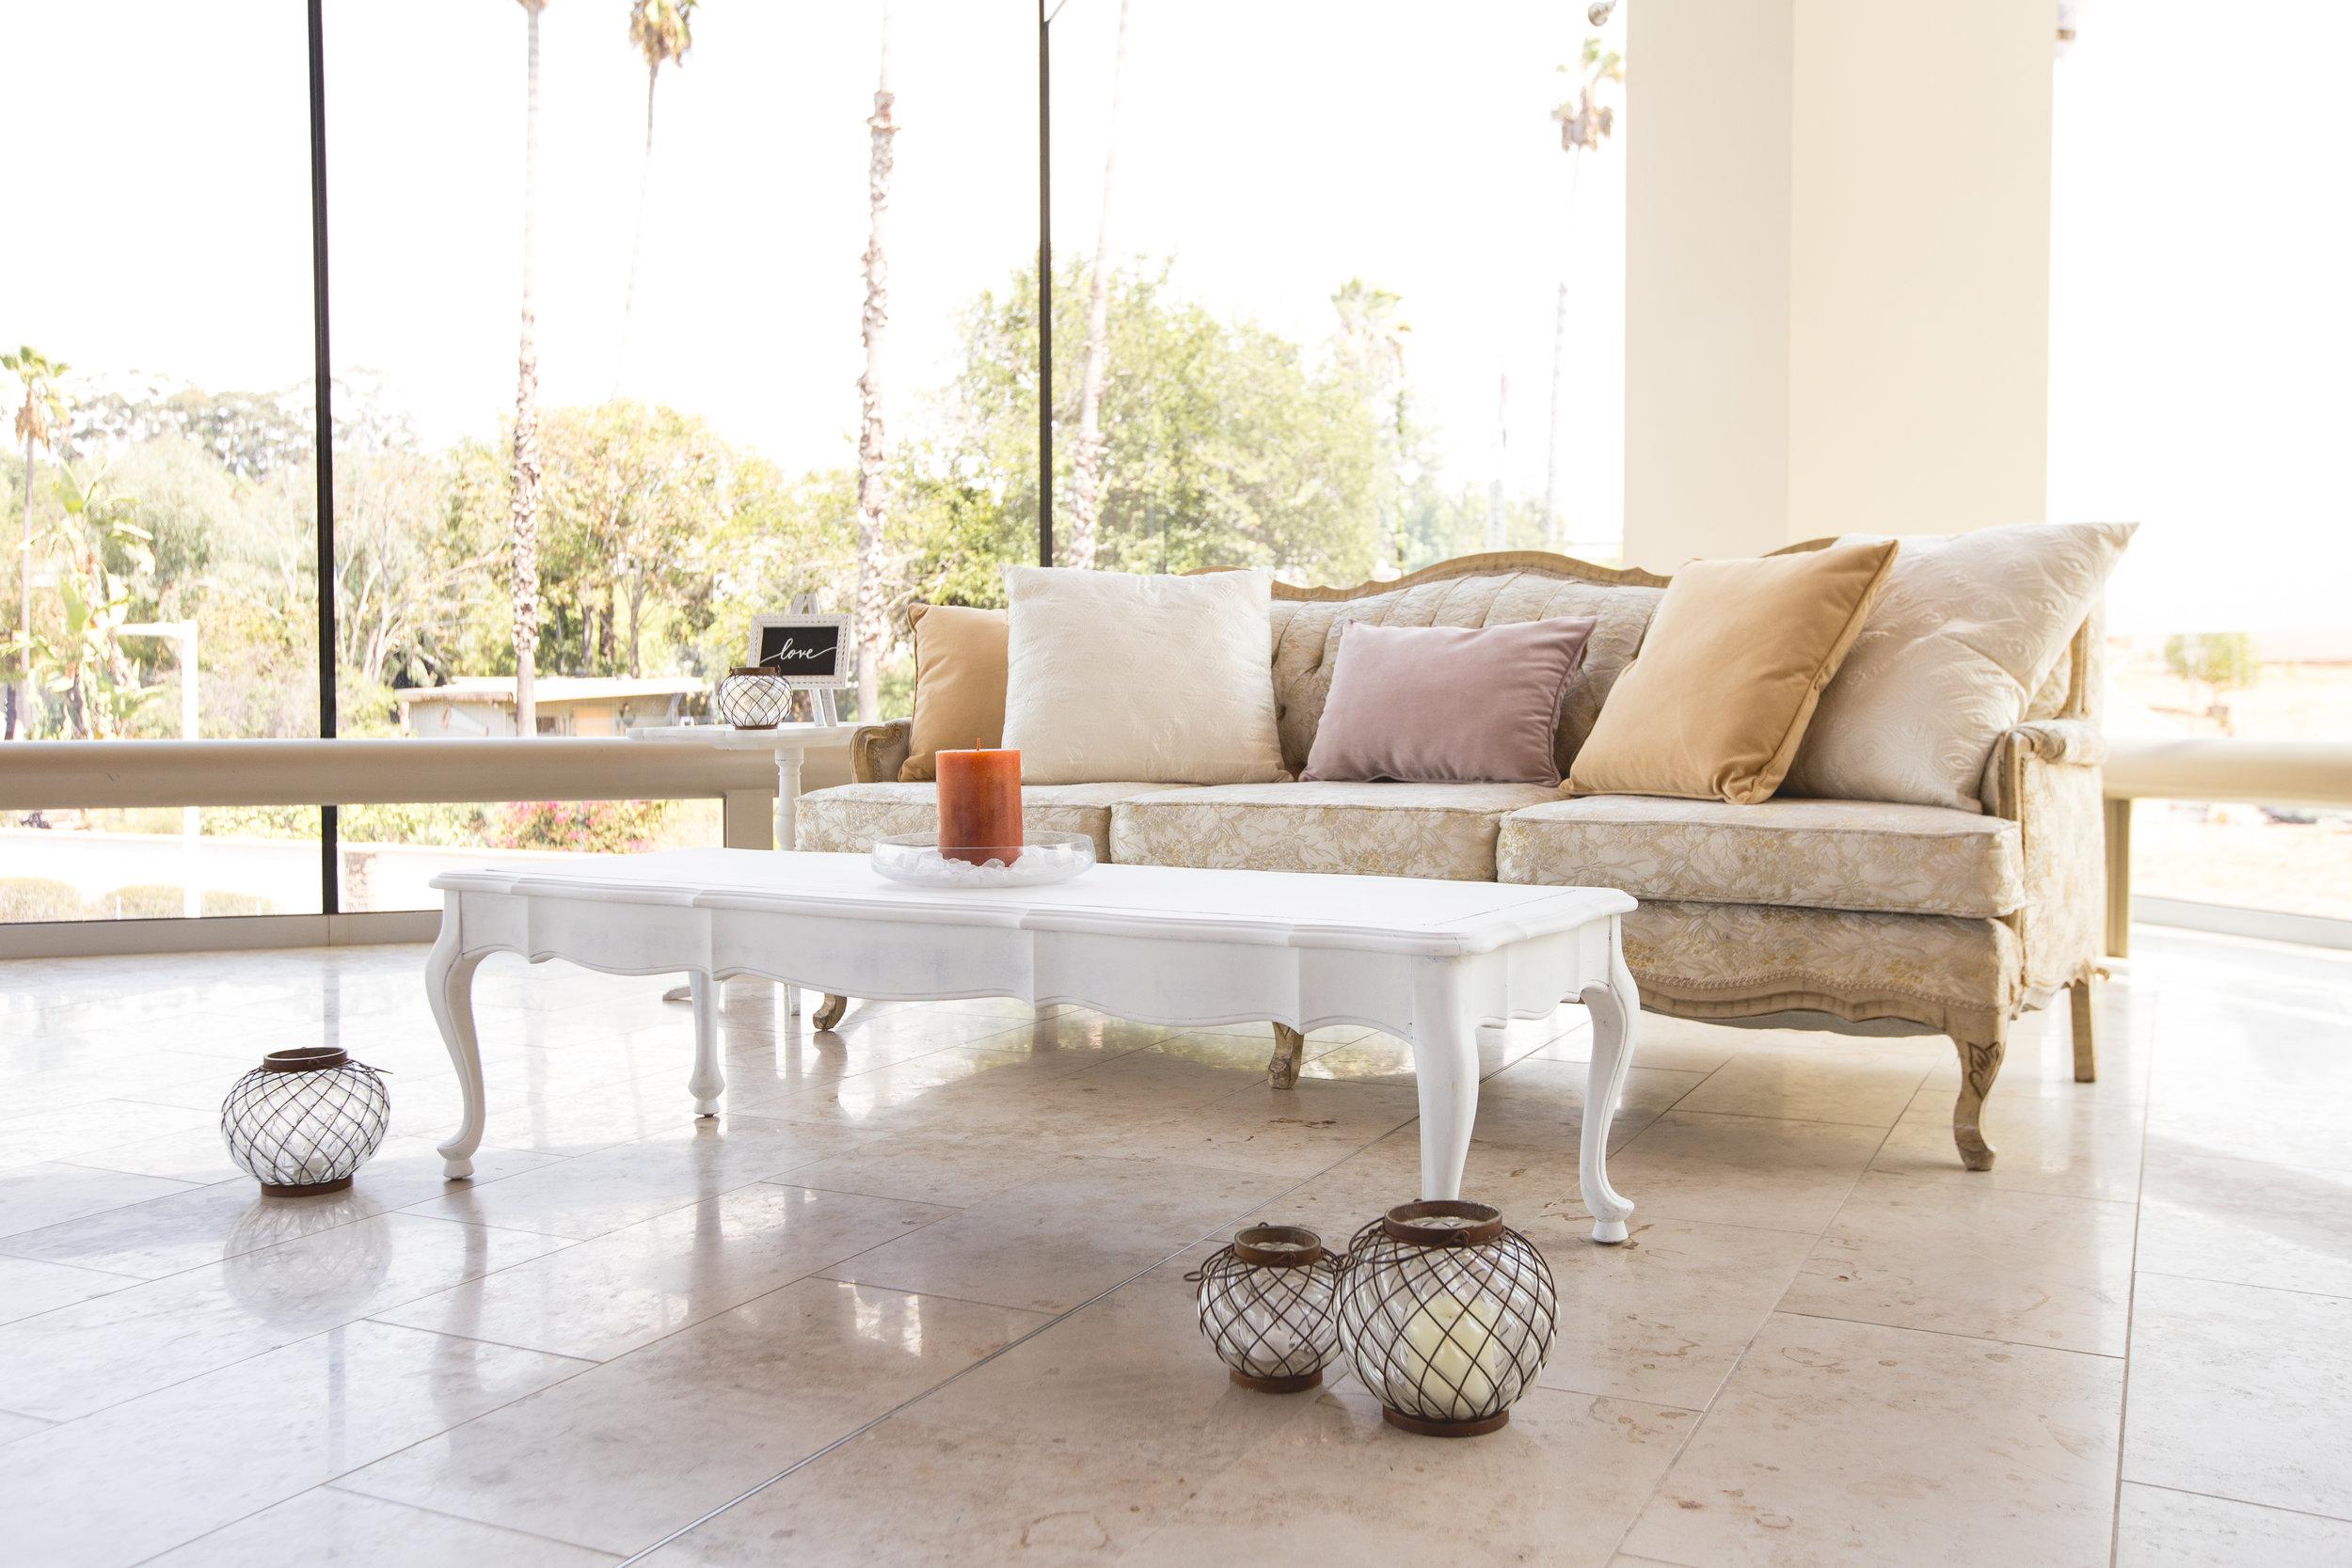 White Vintage Sofa - $150.00